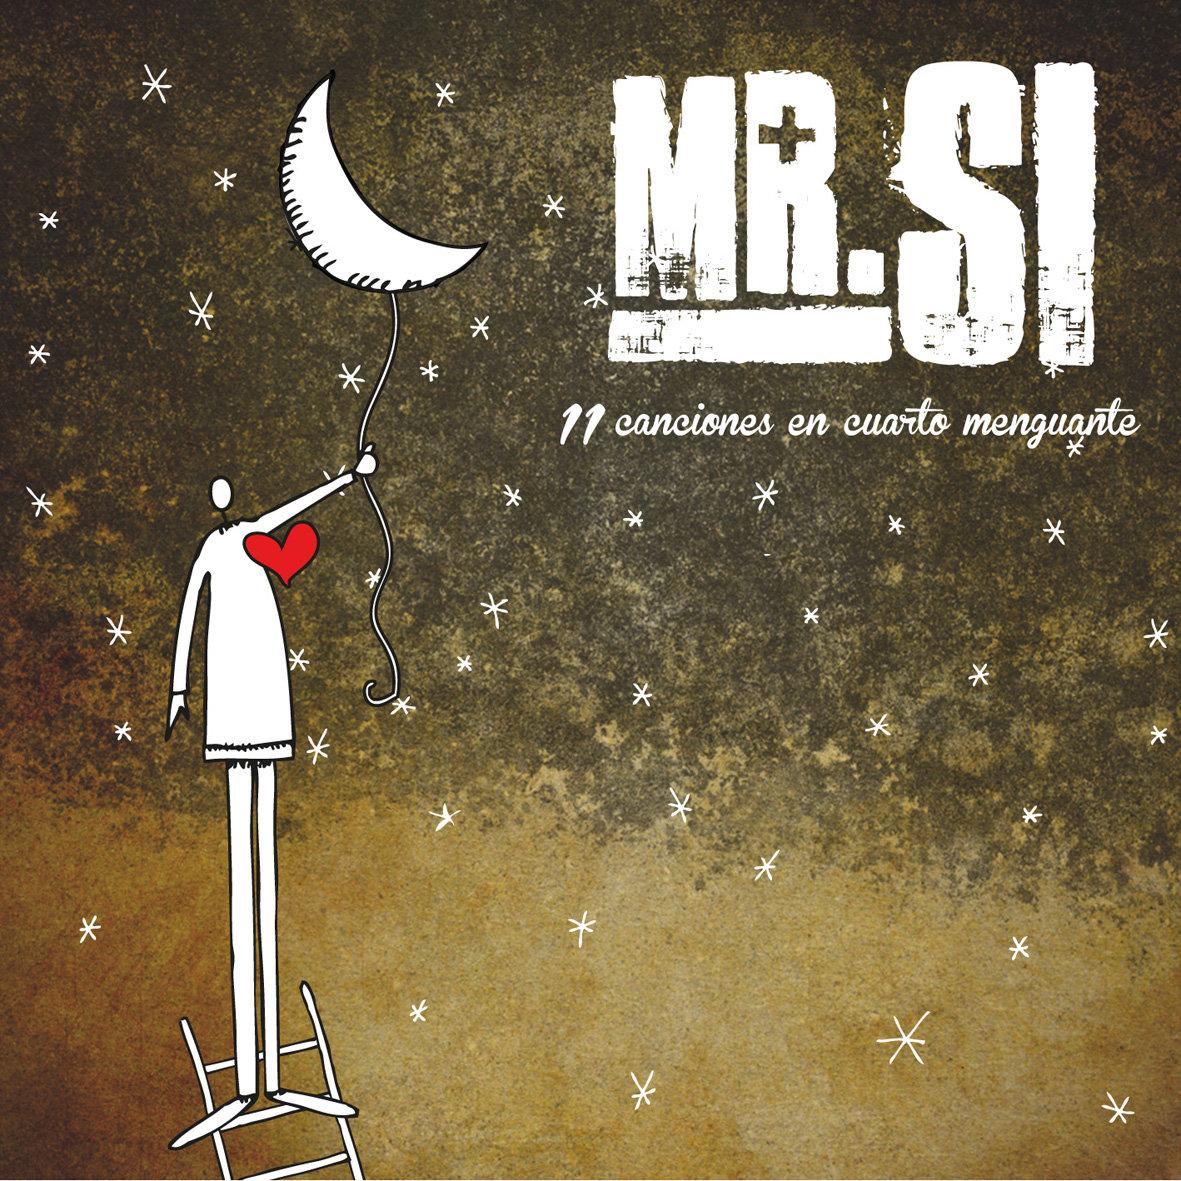 11 canciones en cuarto menguante | Mr.Sí